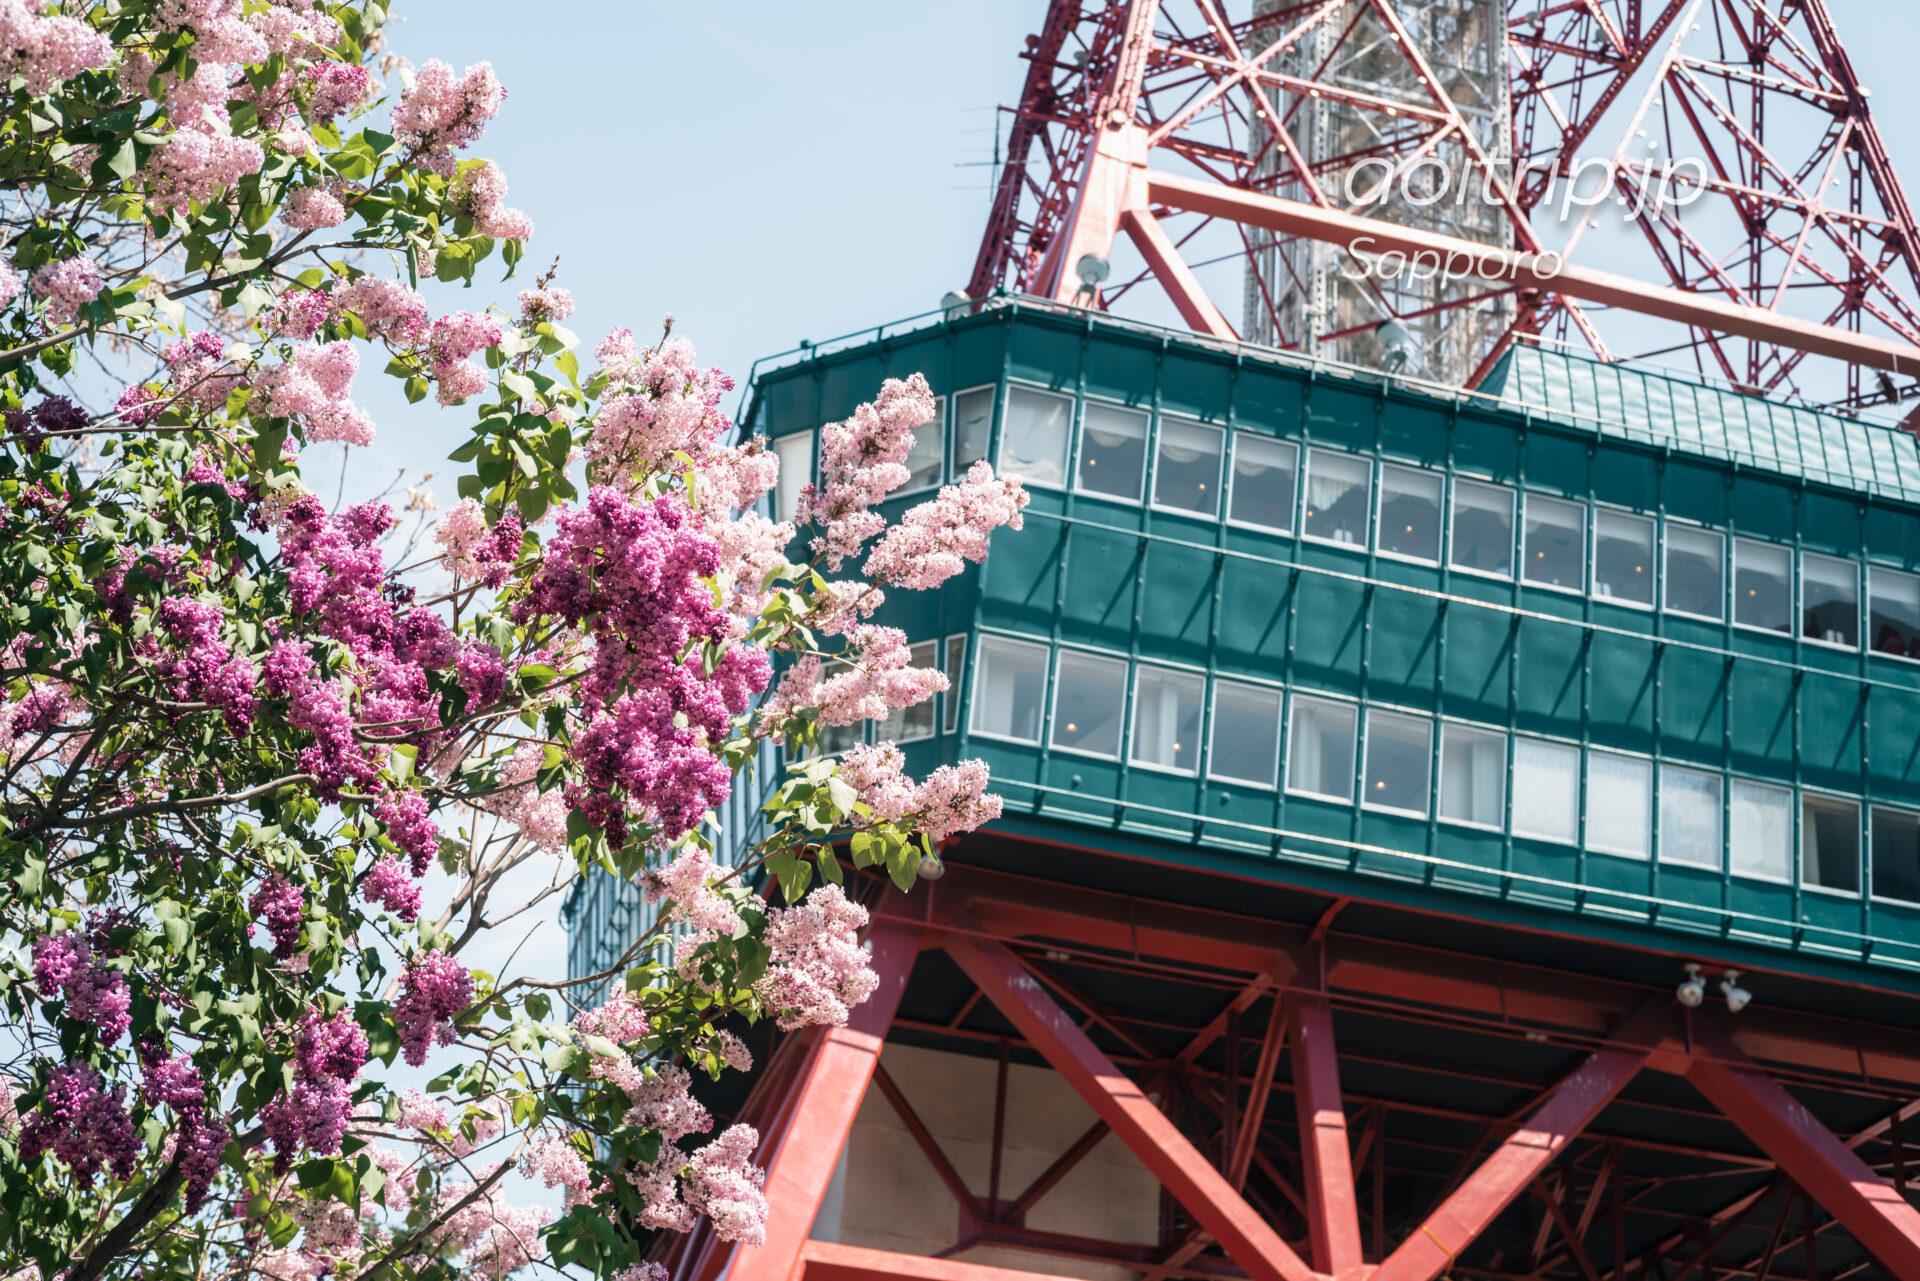 ライラックとさっぽろテレビ塔